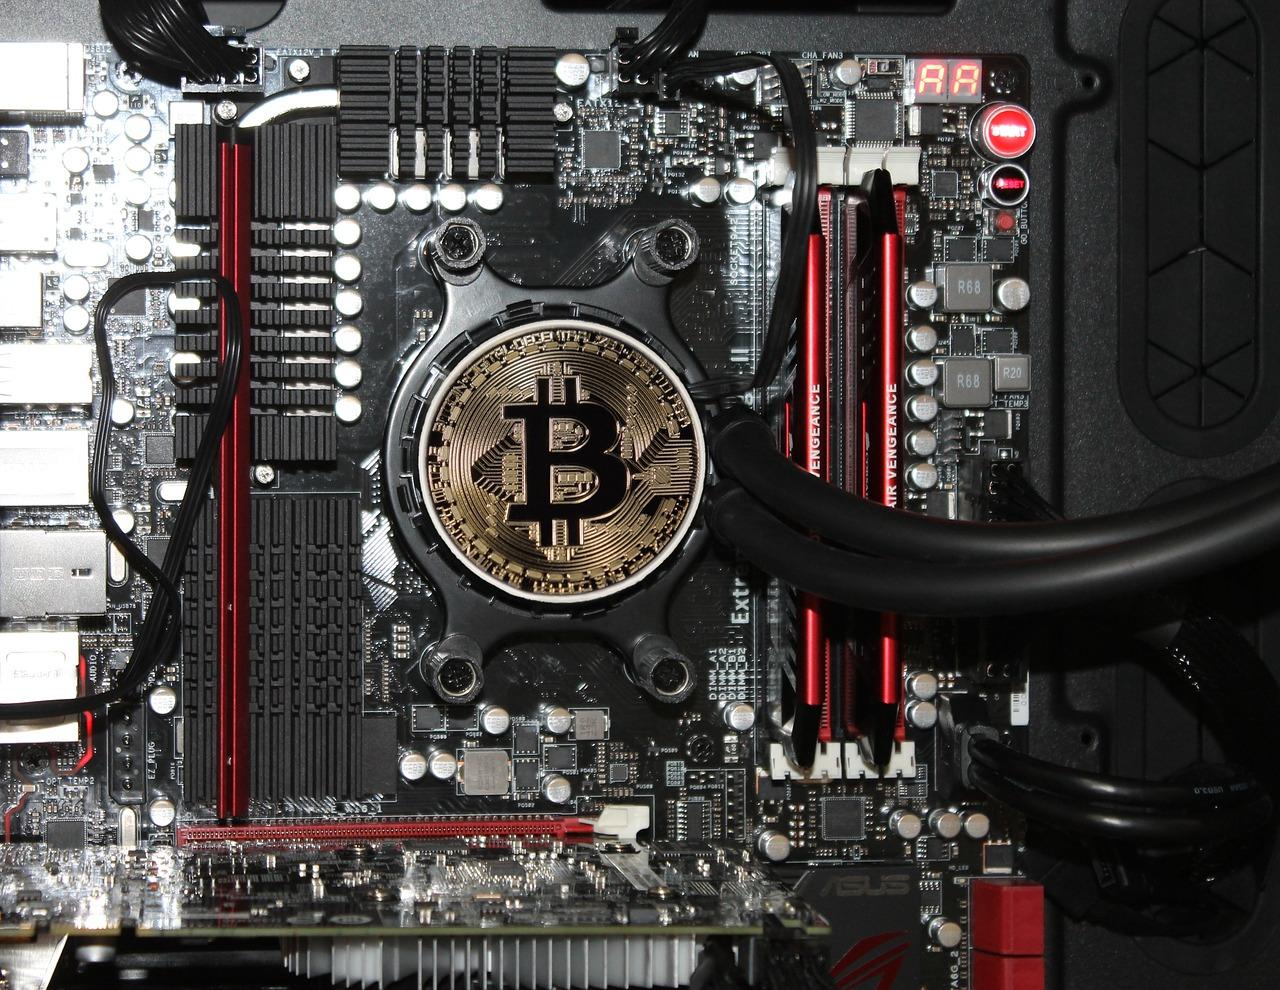 El Bitcoin: La Moneda Que Consume Más Energía Que Argentina